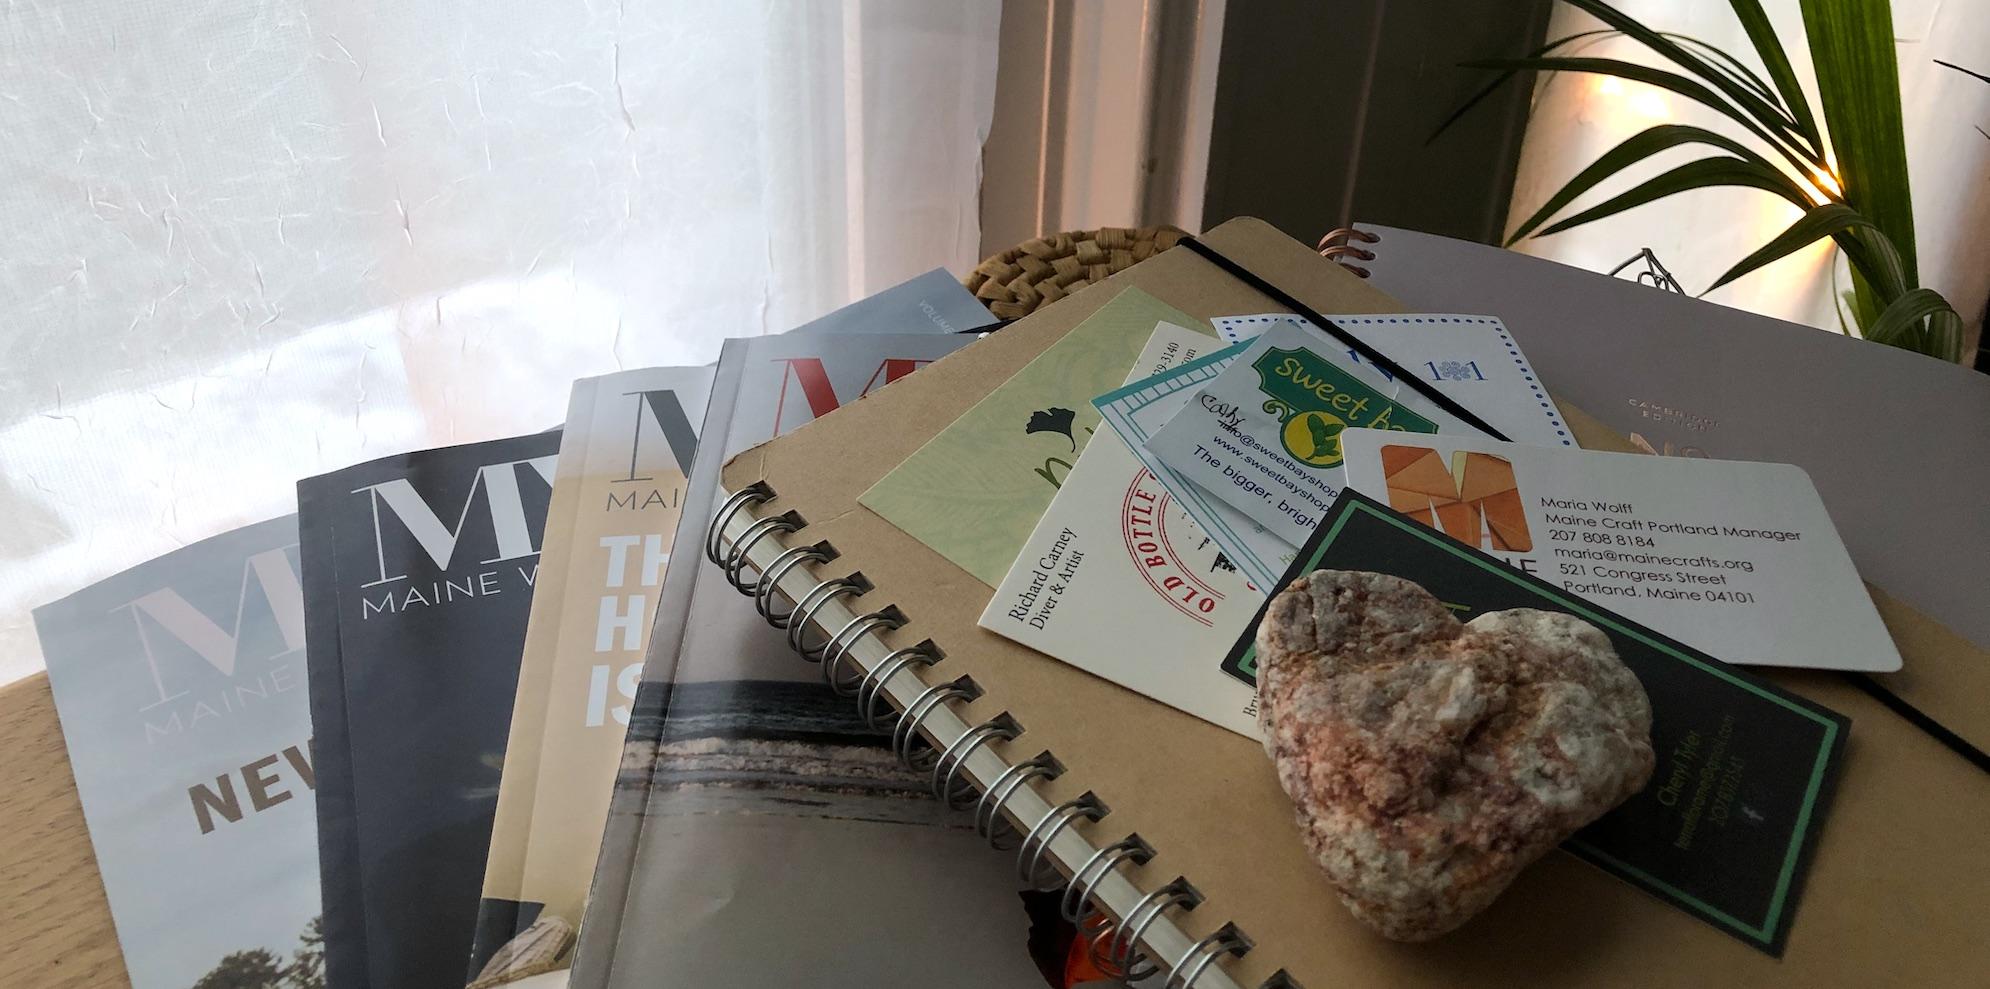 maine women magazines and notebooks